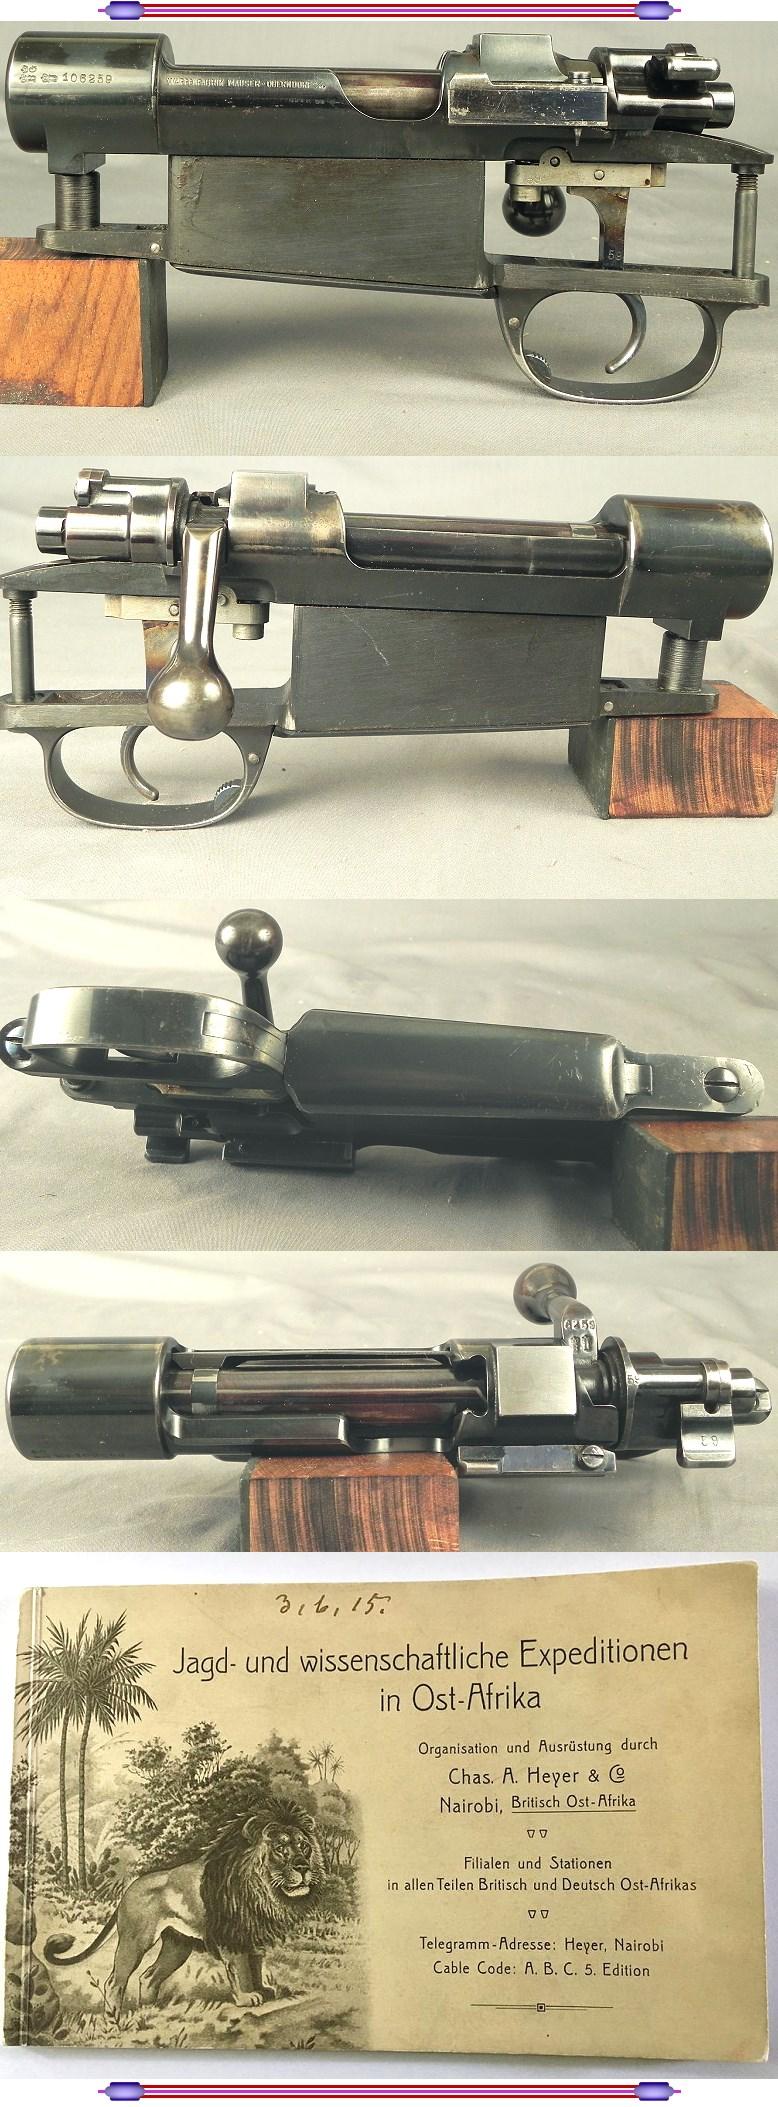 Champlin Firearms - Gun Vault - Quality Firearms